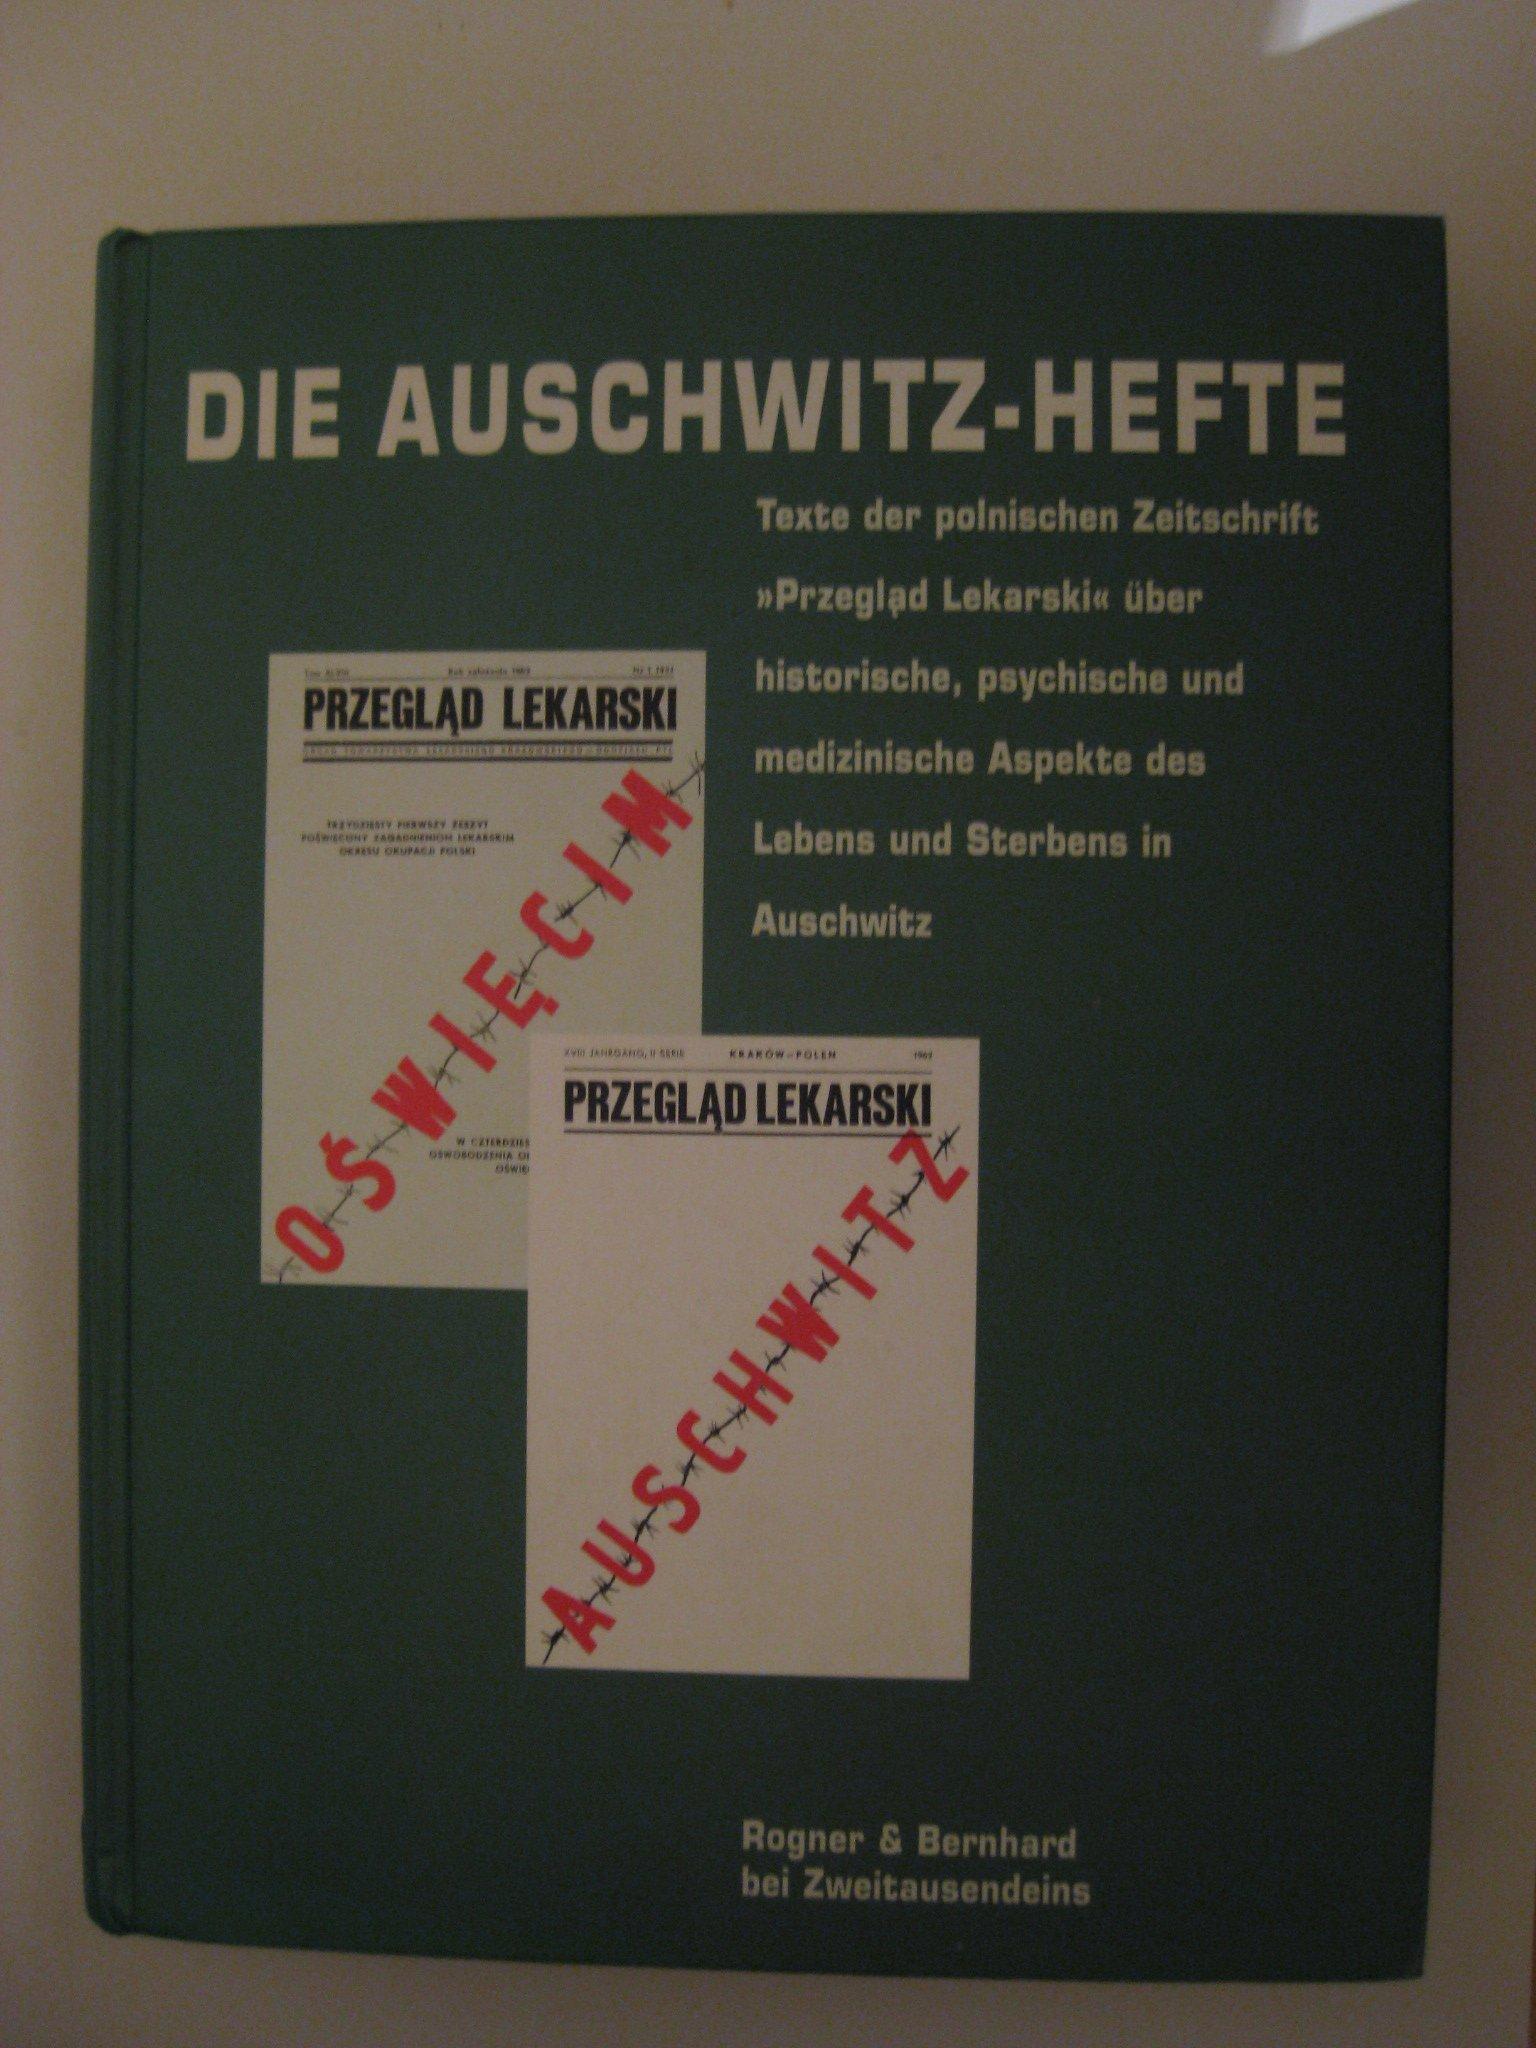 Die Auschwitz-Hefte: Texte der polnischen Zeitschrift Przeglad Lekarski über historische, psychische u. medizinische Aspekte des Lebens und Sterbens in Auschwitz